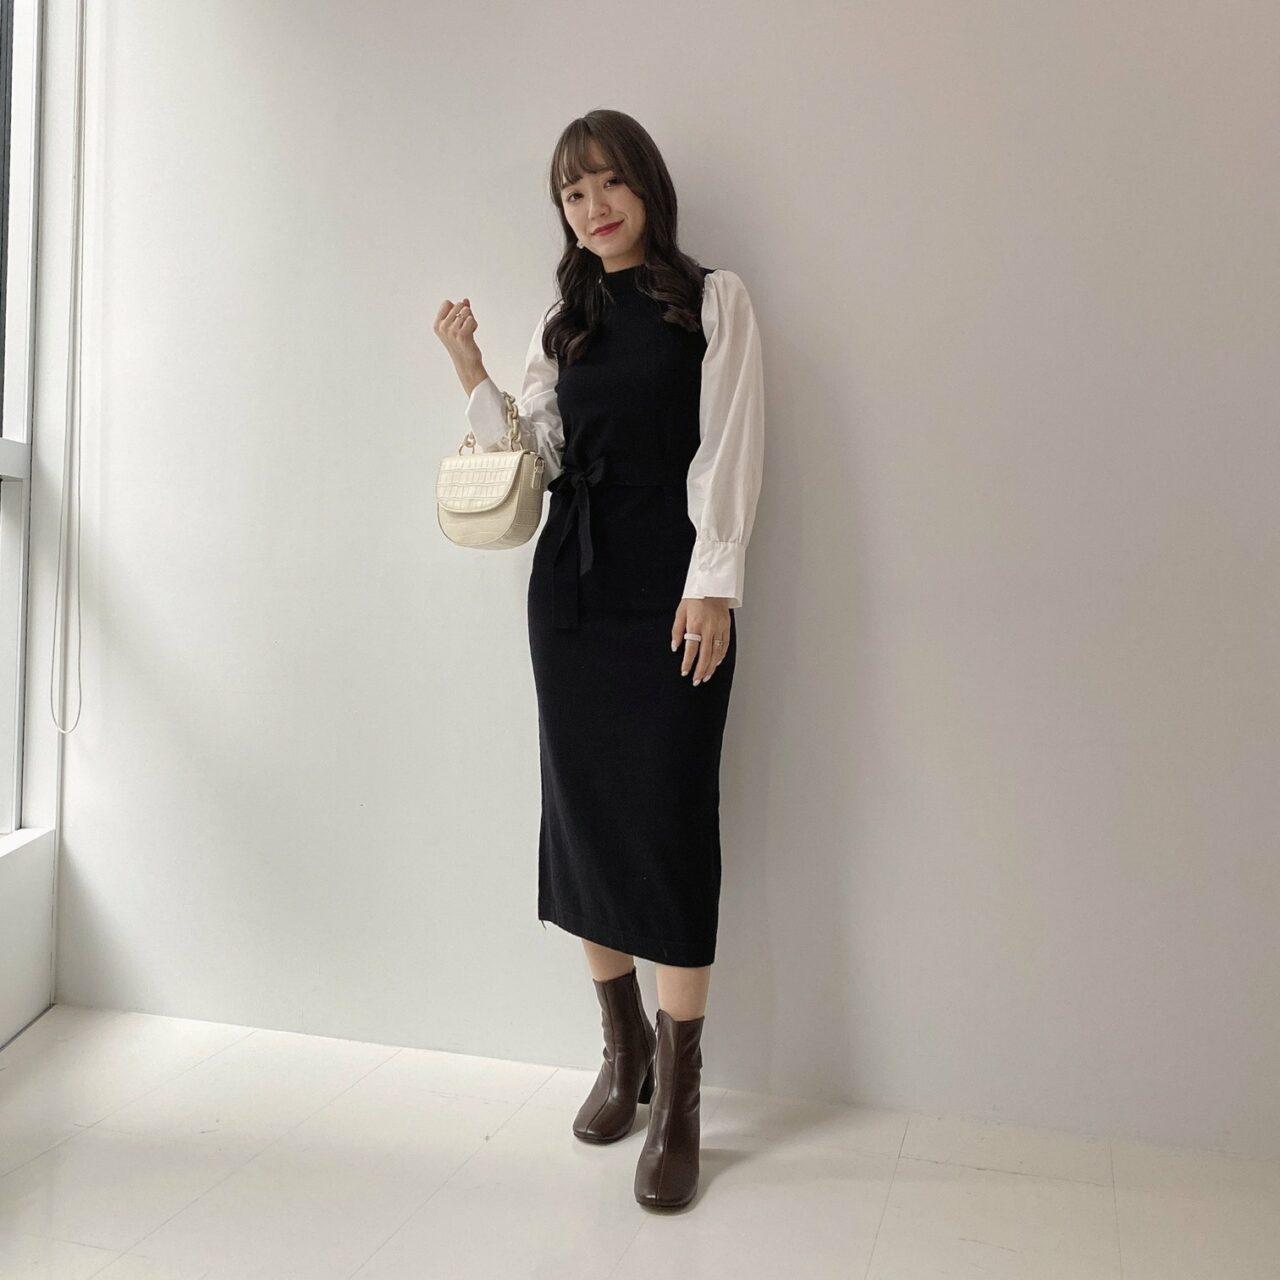 大人可愛い雰囲気を演出するドッキングニットを着た女性